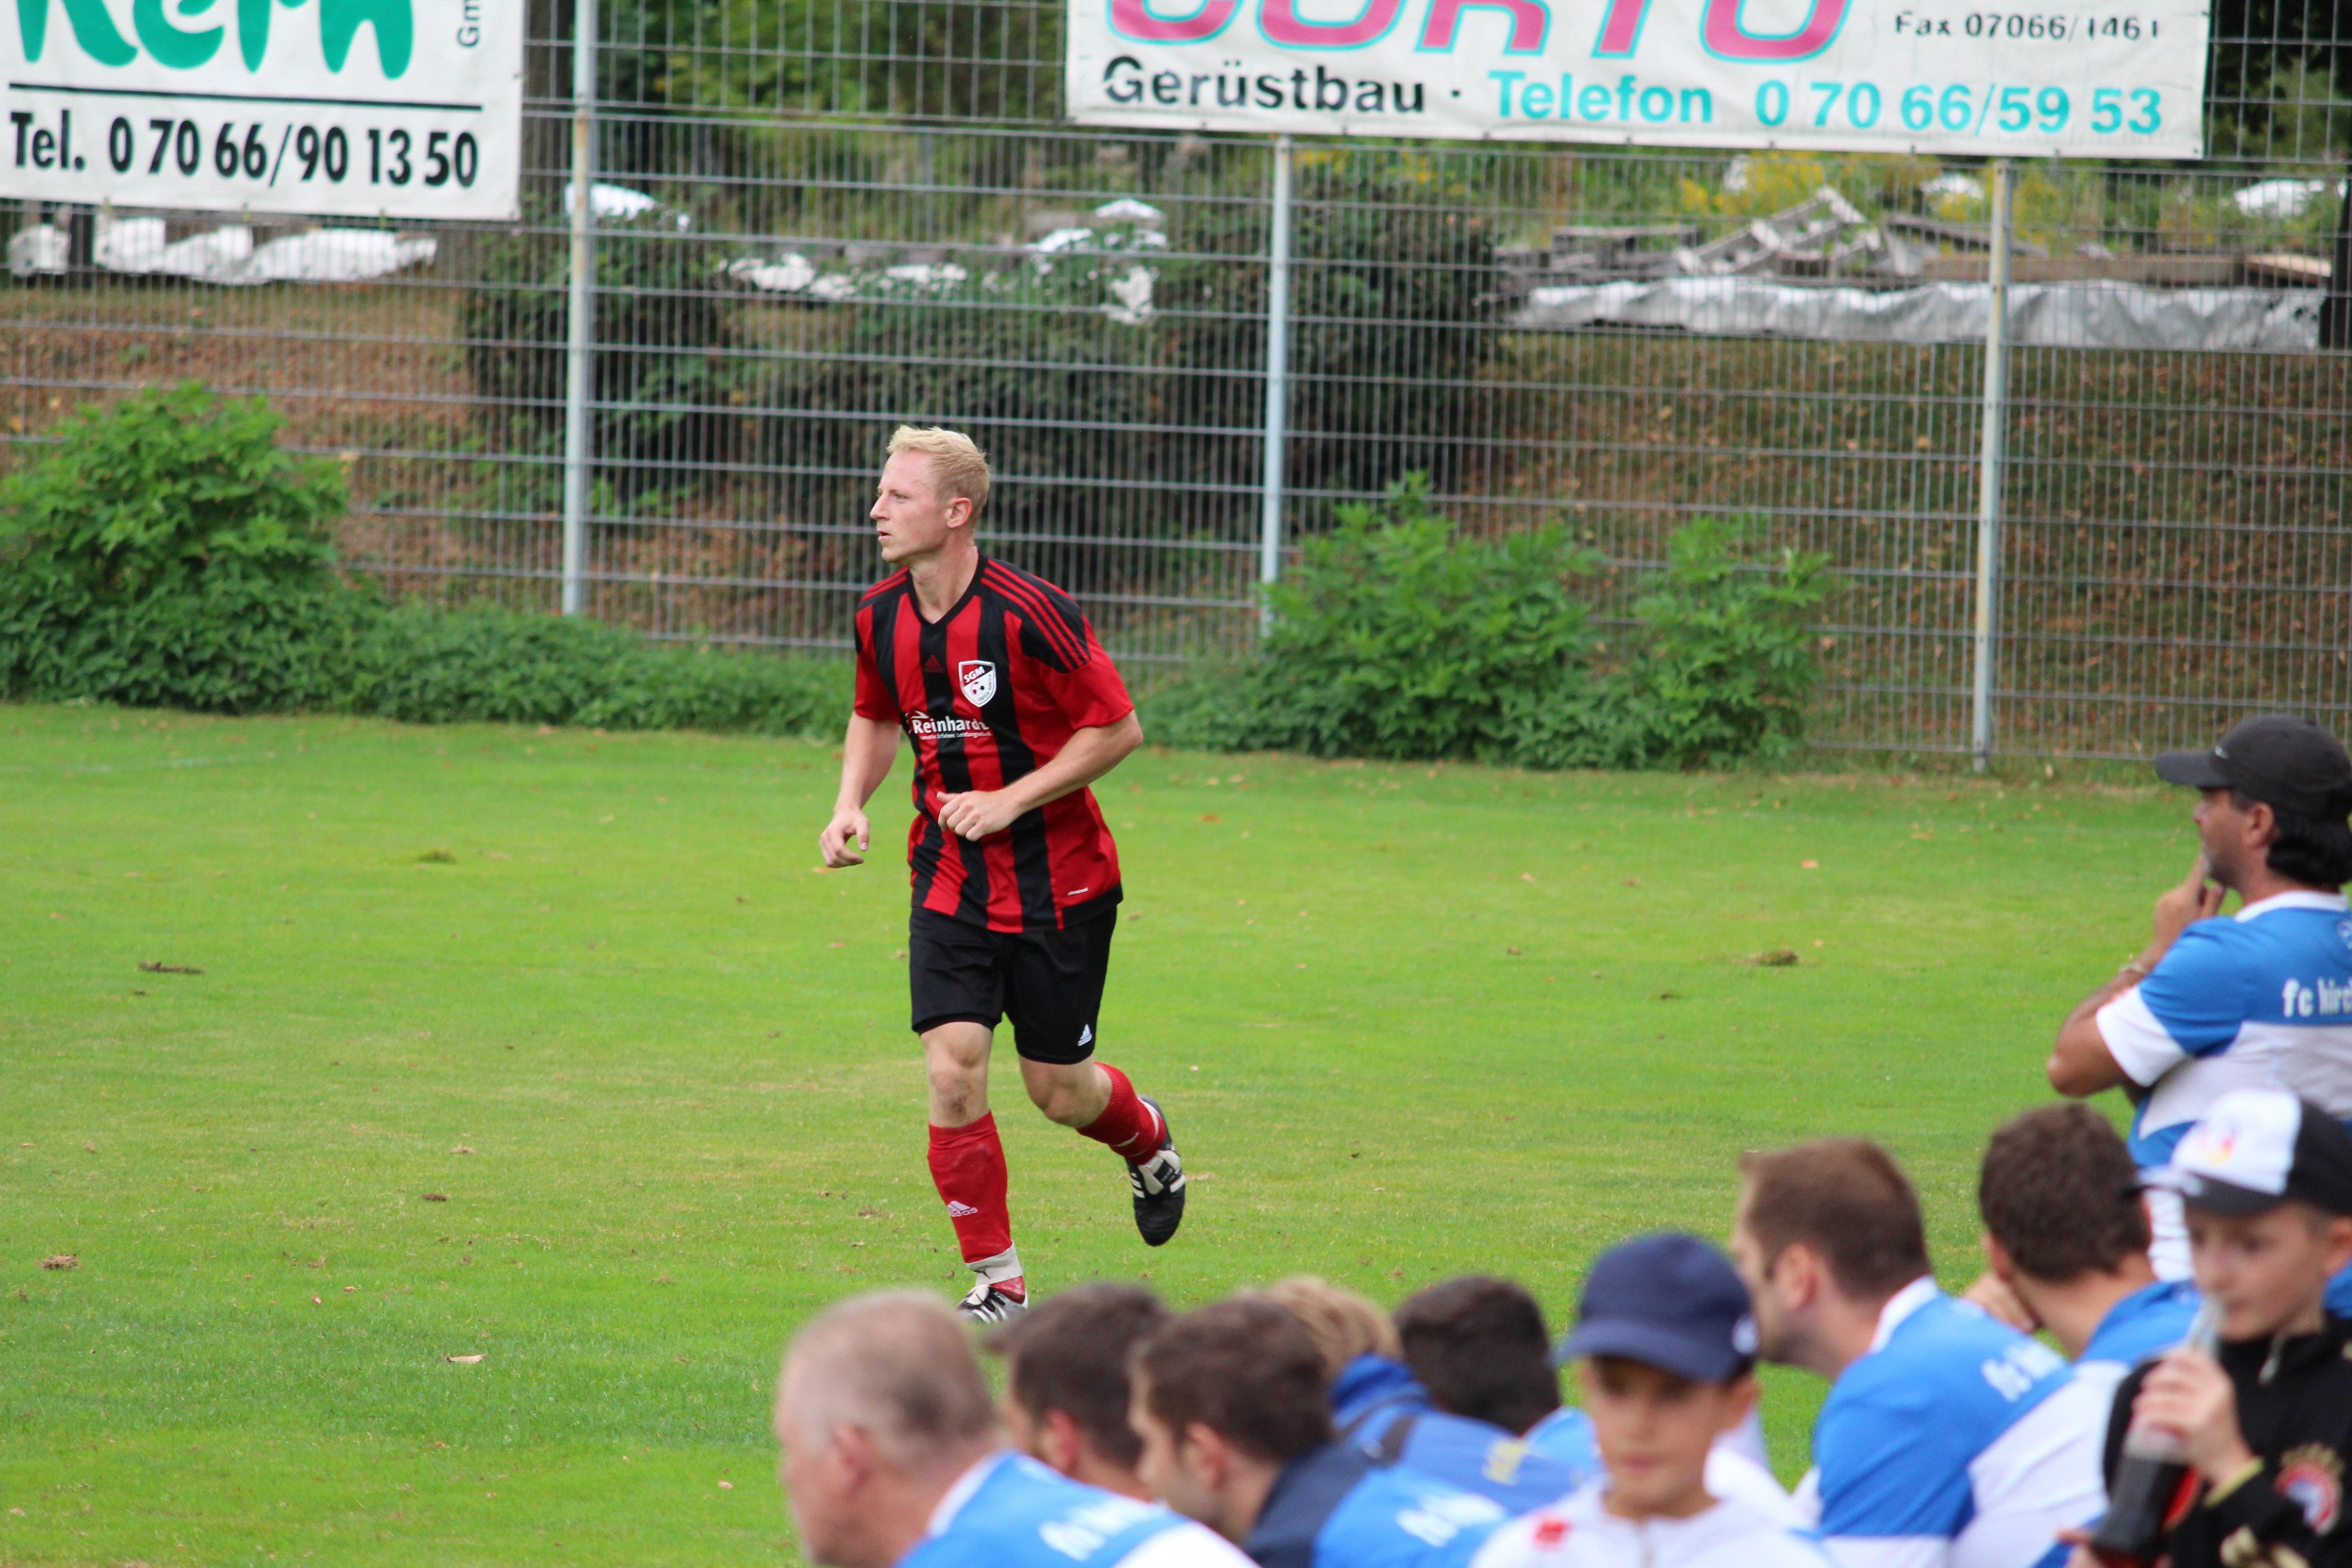 16-17-hin-kirchhausen-34